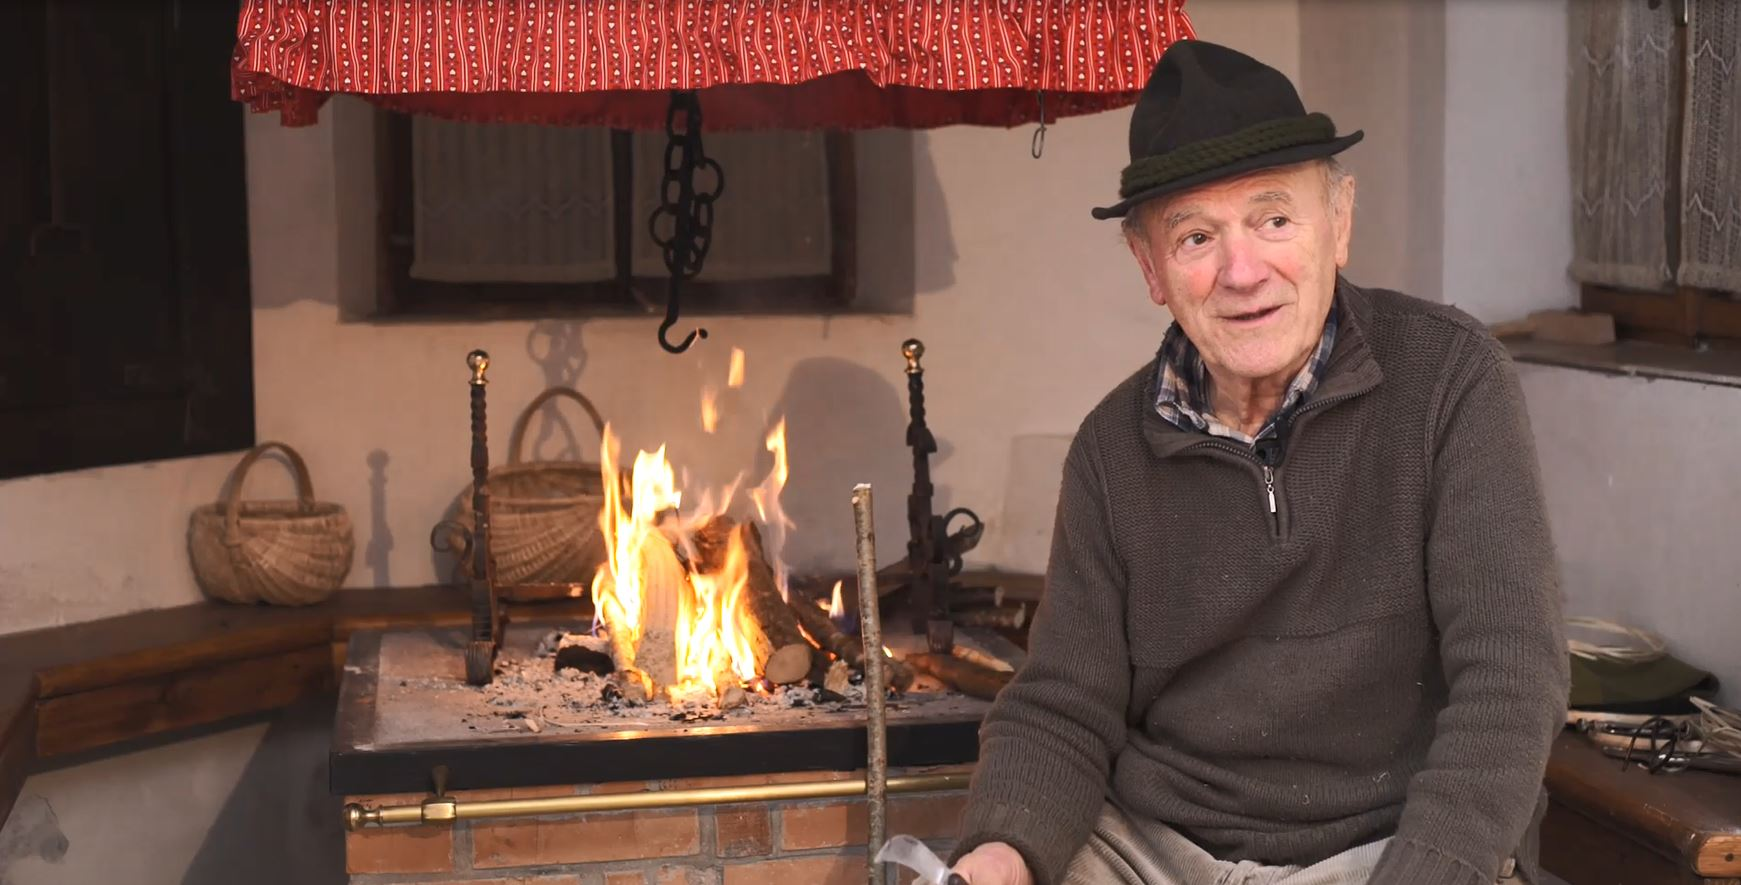 Intervista e riprese all'artigiano Luigi Giacomelli Stel - Progetto di Ecomuseo Lis Aganis